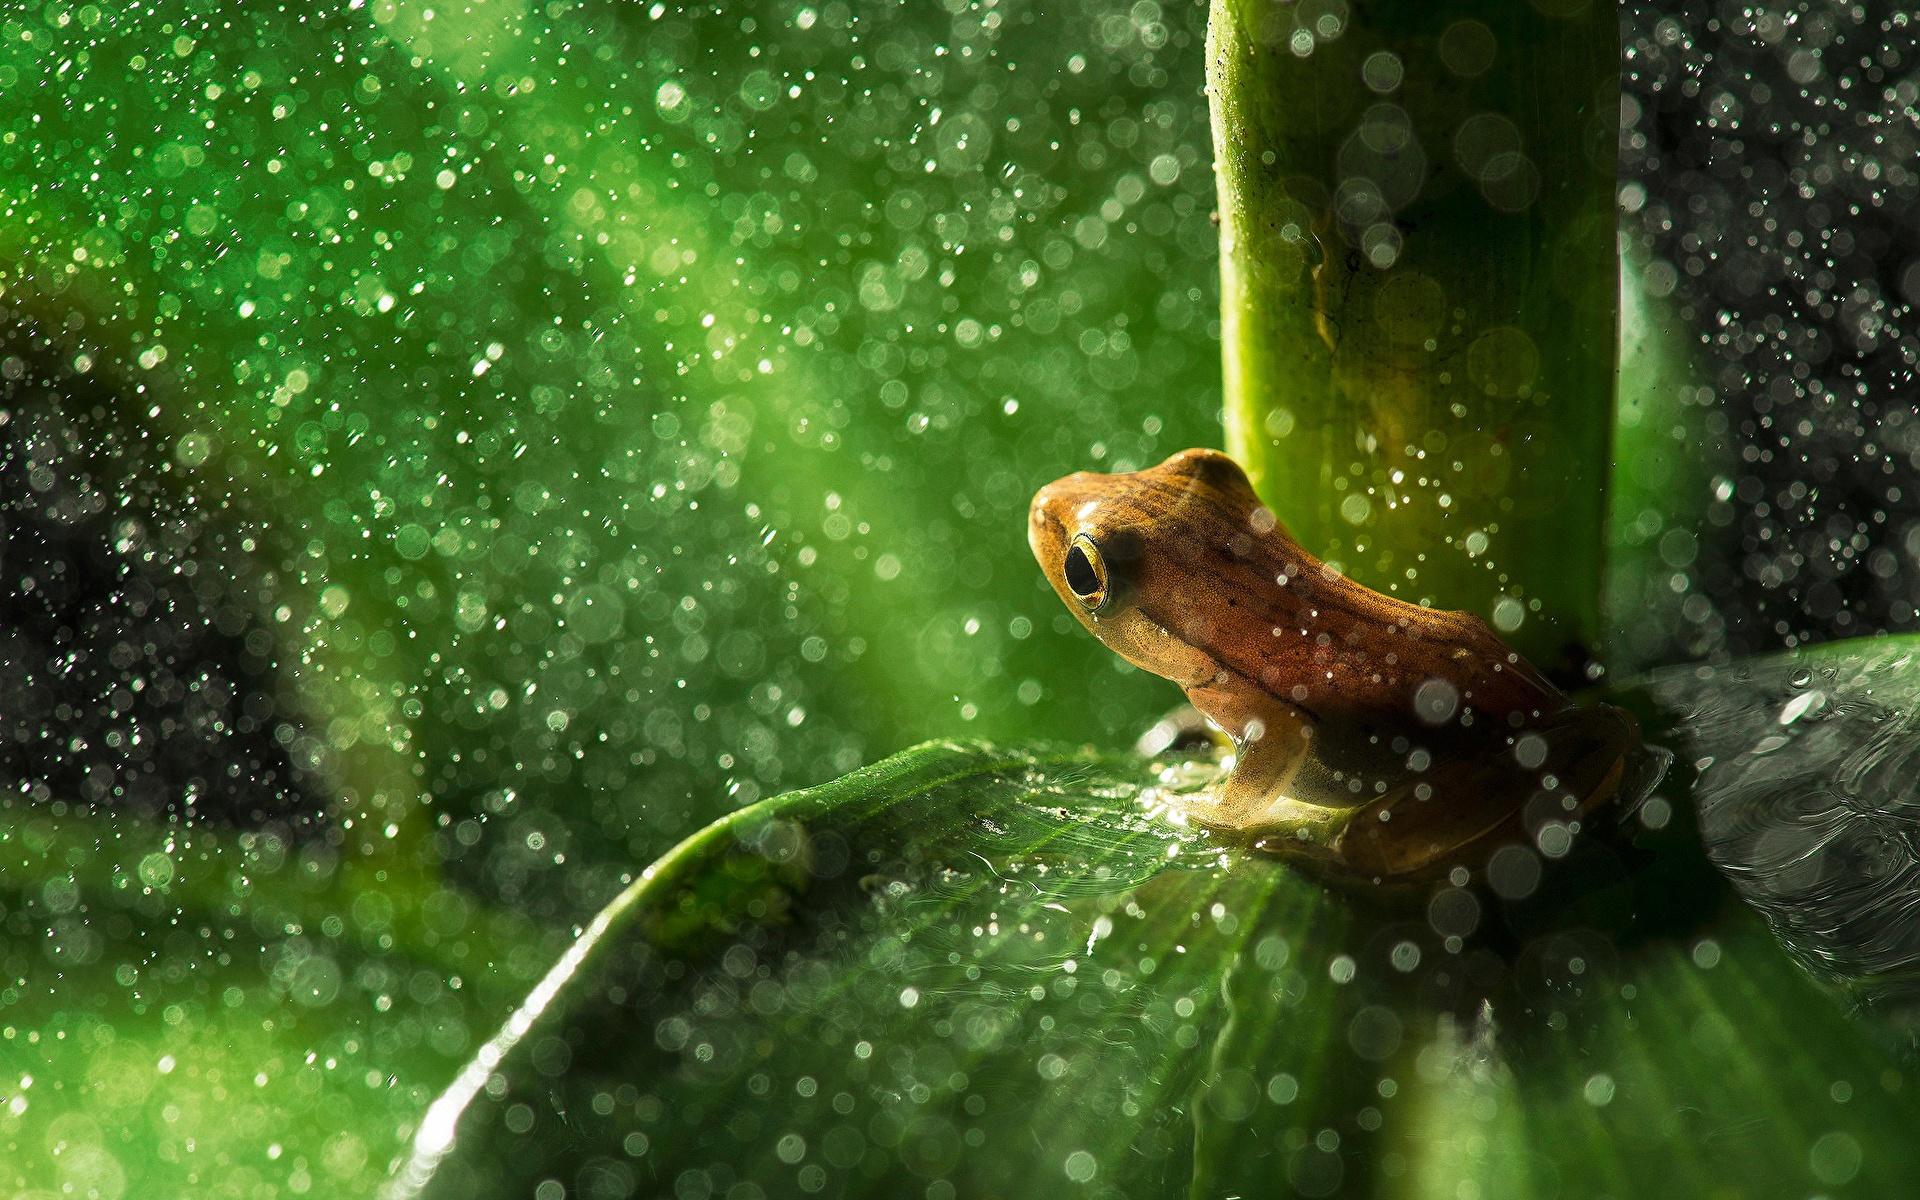 природа животные лягушки скачать